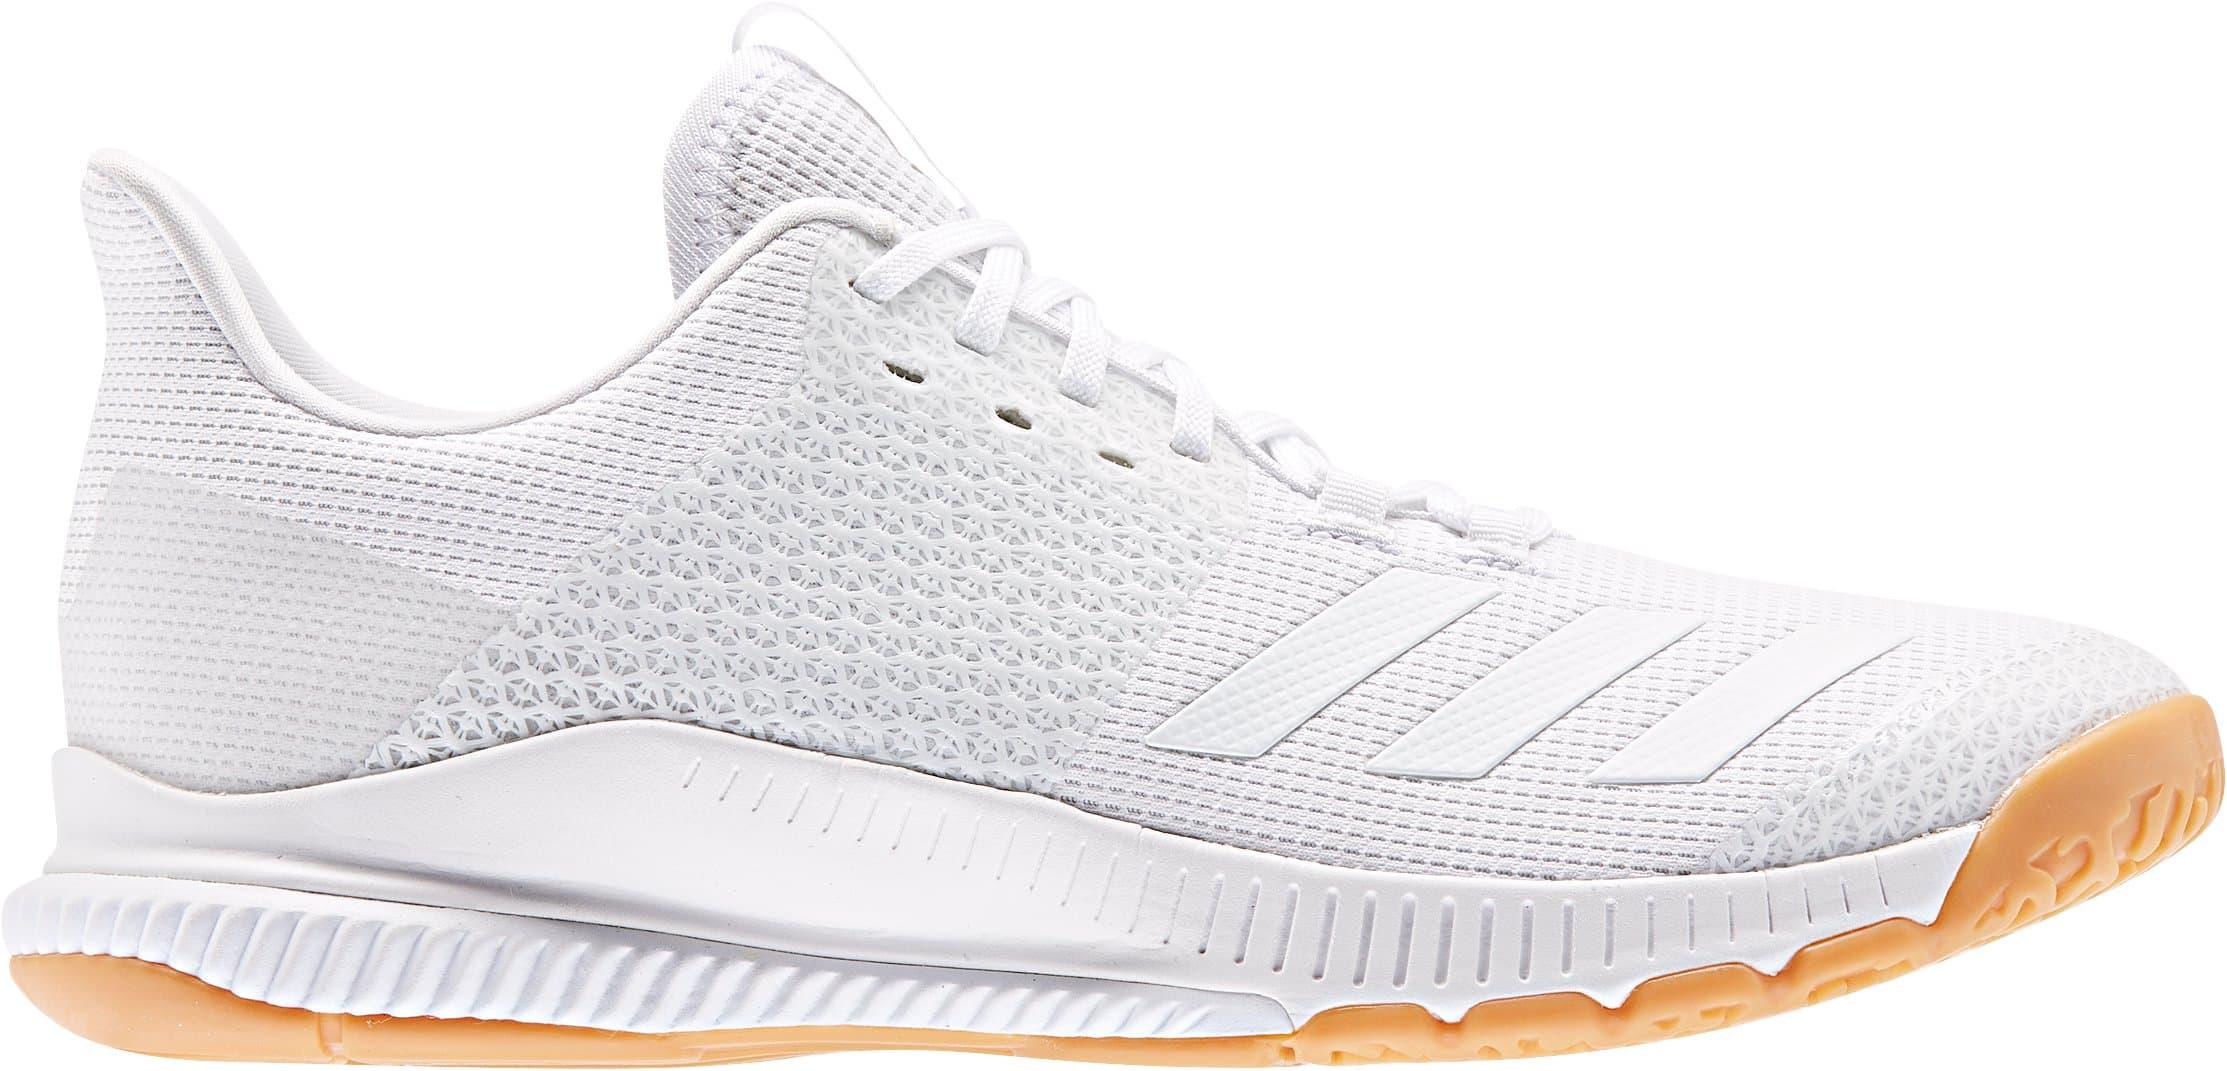 Adidas Crazyflight Bounce 3 Chaussure pour le sport en salle  femme